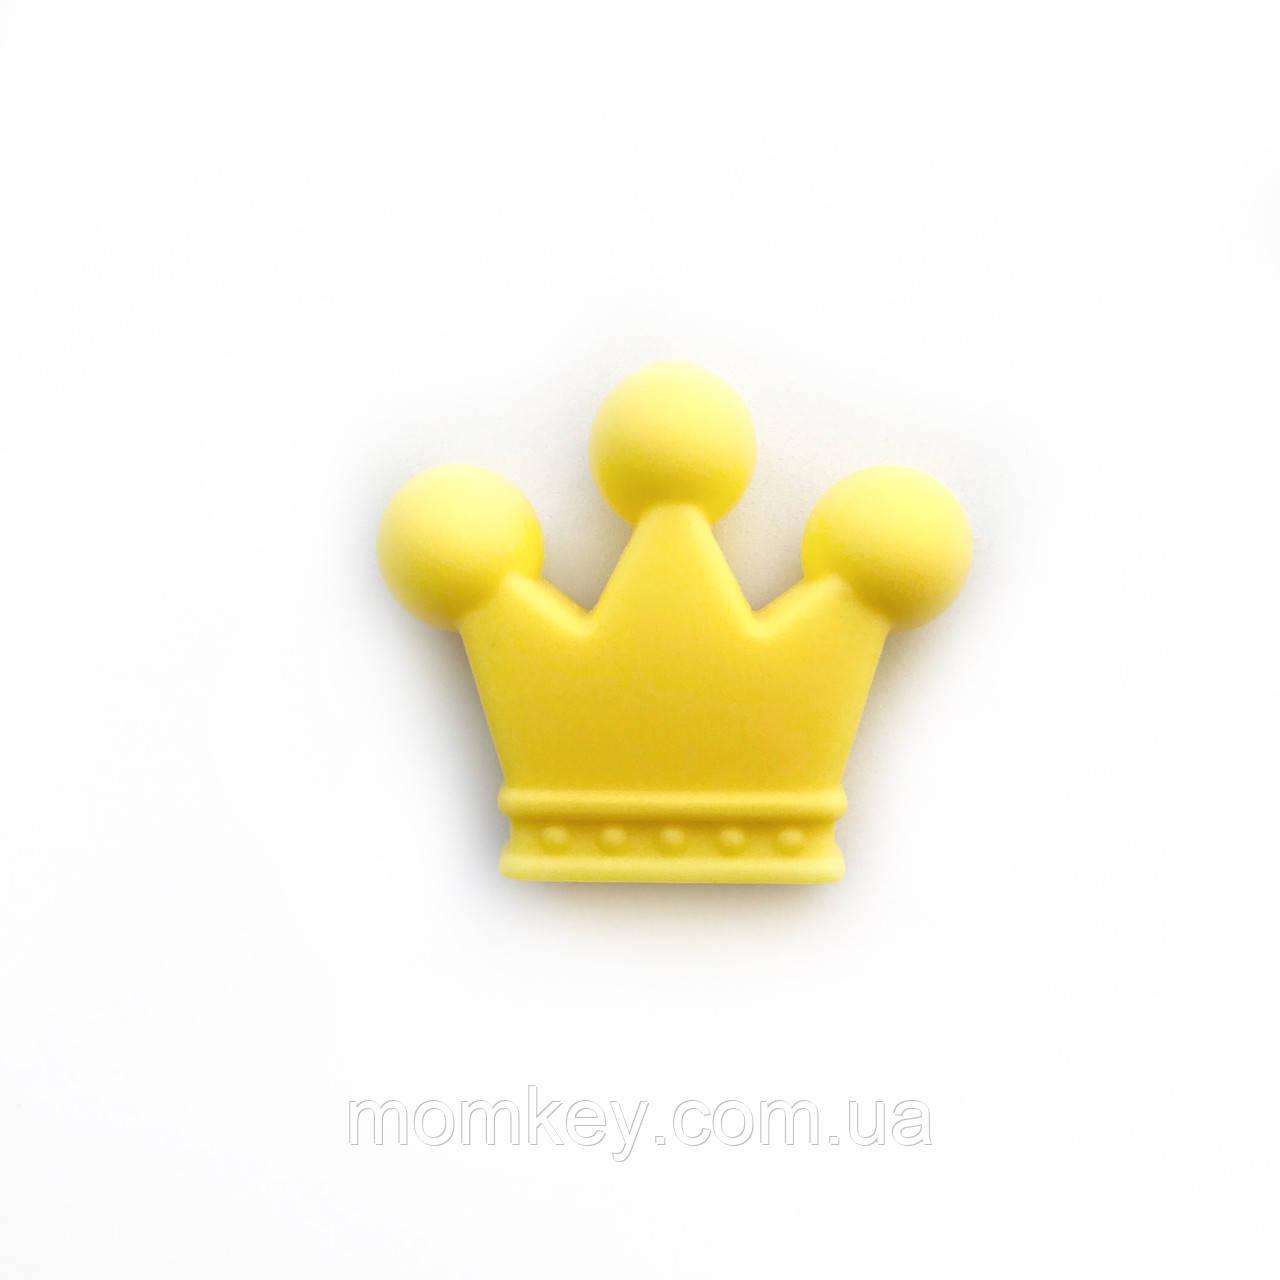 Корона 35*30*7 мм (жёлтый)